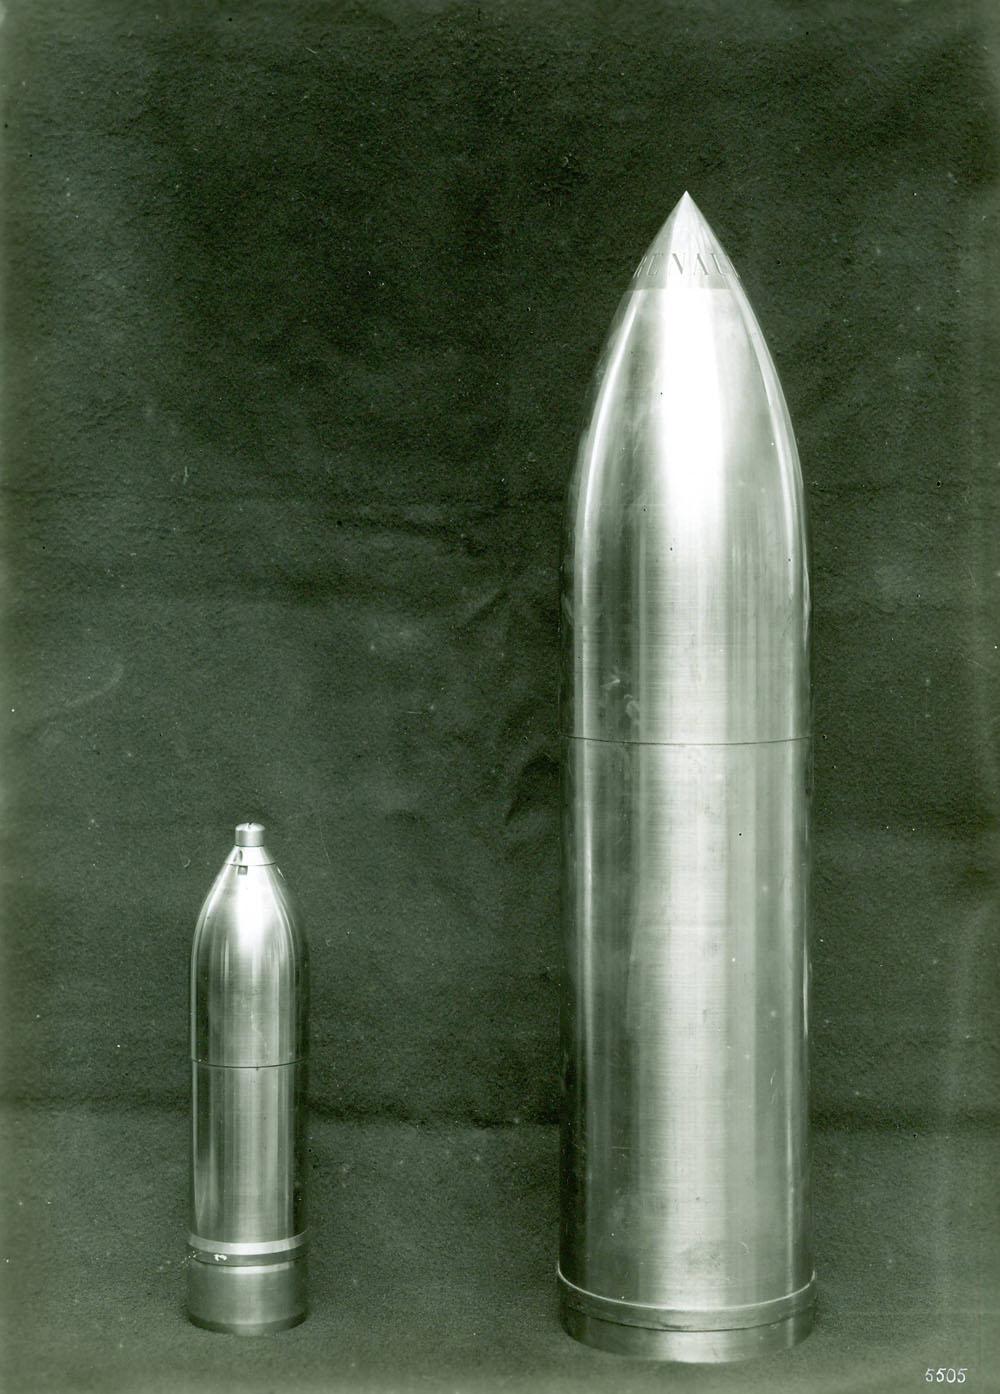 Obus de 155 et de 75 - 1916 © APR Droits réservés